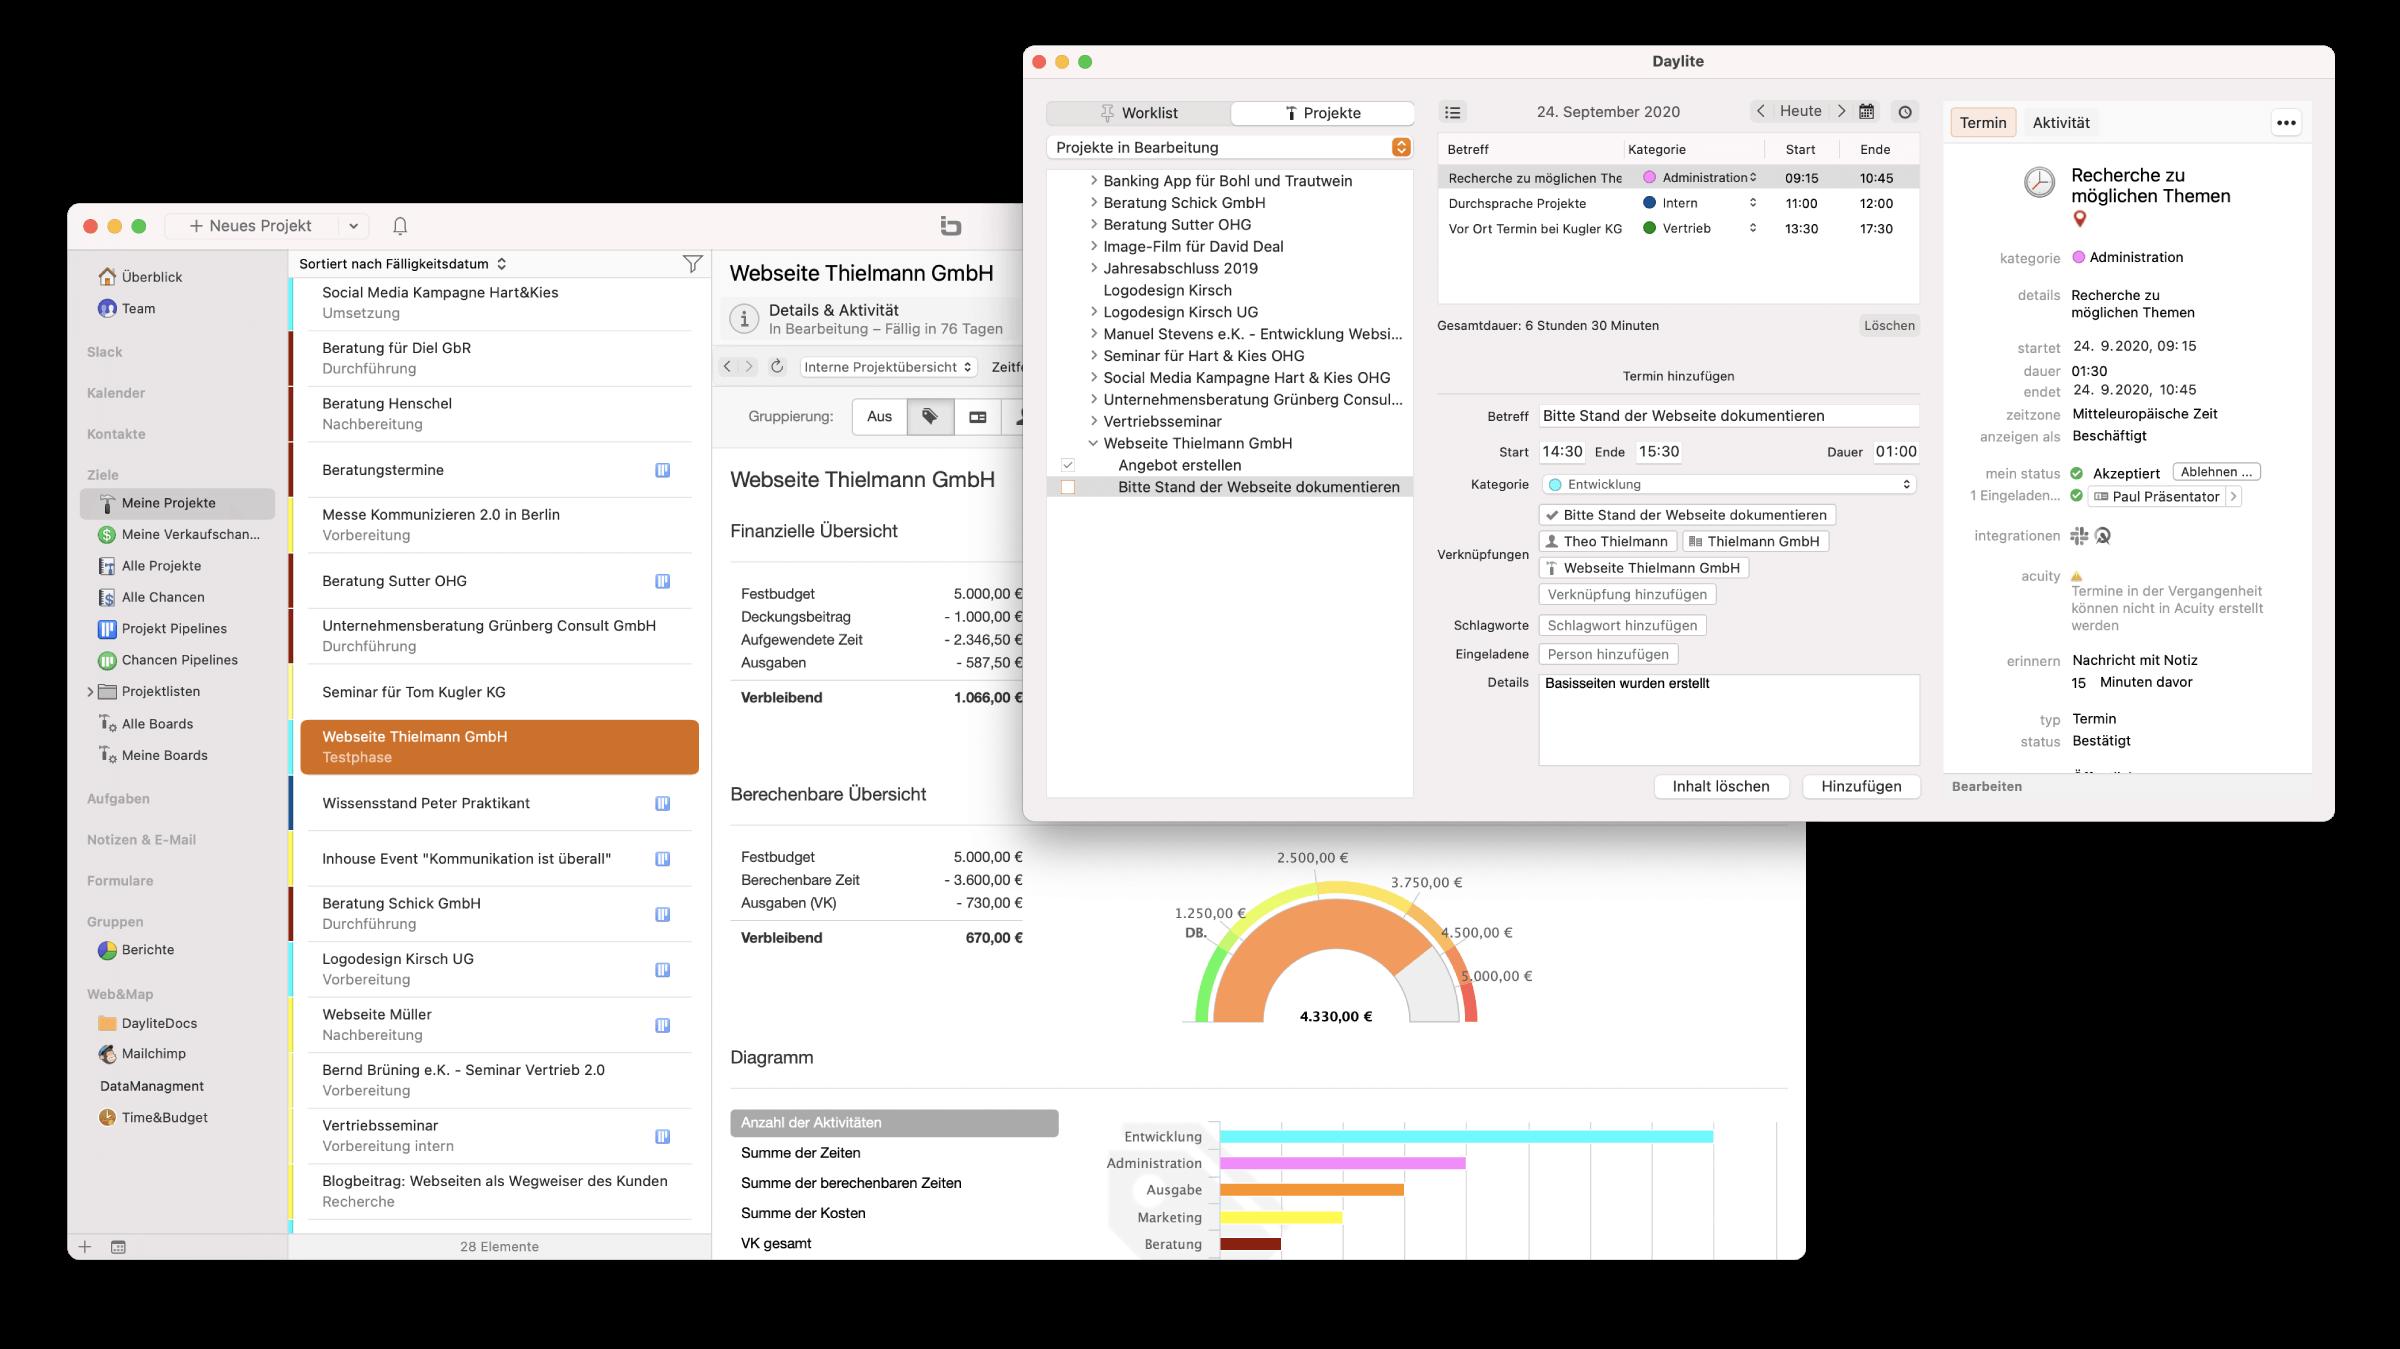 CRM Daylite Mac iPhone Projekt Budgetkontrolle Zeiterfassung.png